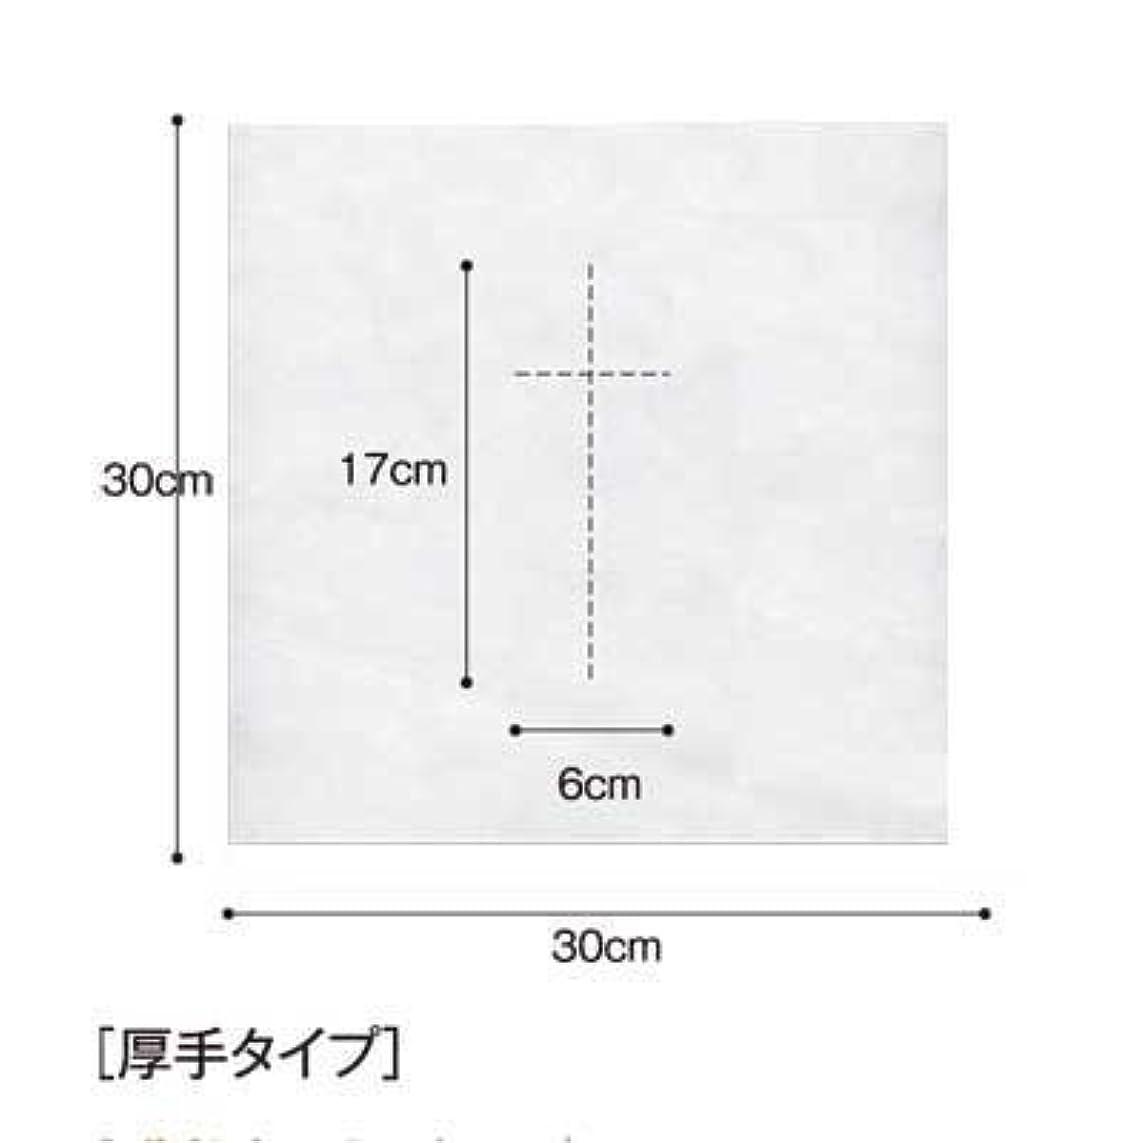 デマンド歴史しつけ(ロータス)LOTUS 日本製 ピロカバー DX 十字カット 100枚入 業務用 マッサージ 、エステ 厚みのあるタイプ